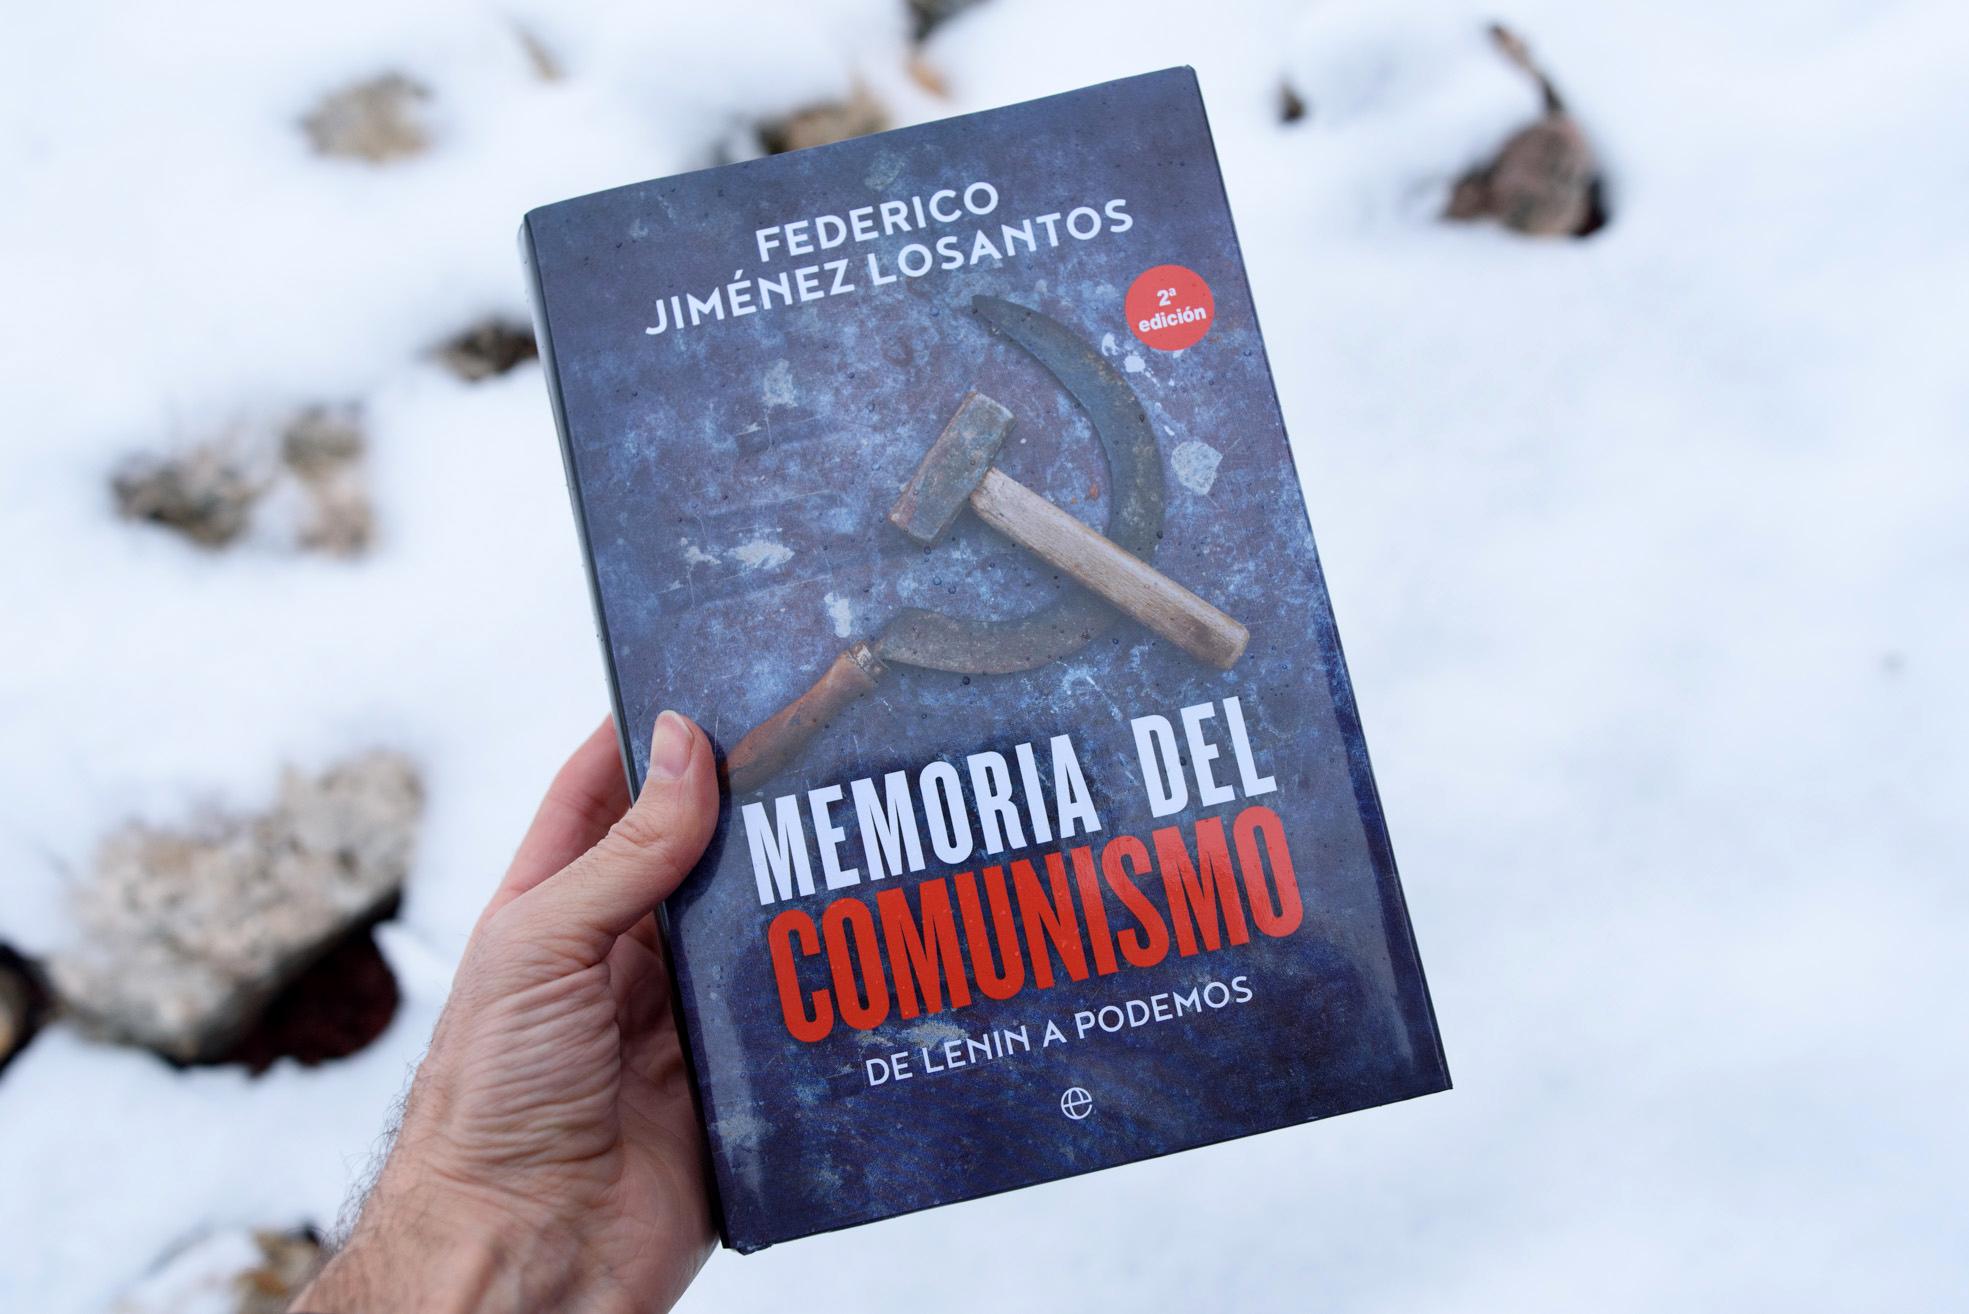 libro-memoria-del-comunismo-nieve-050220